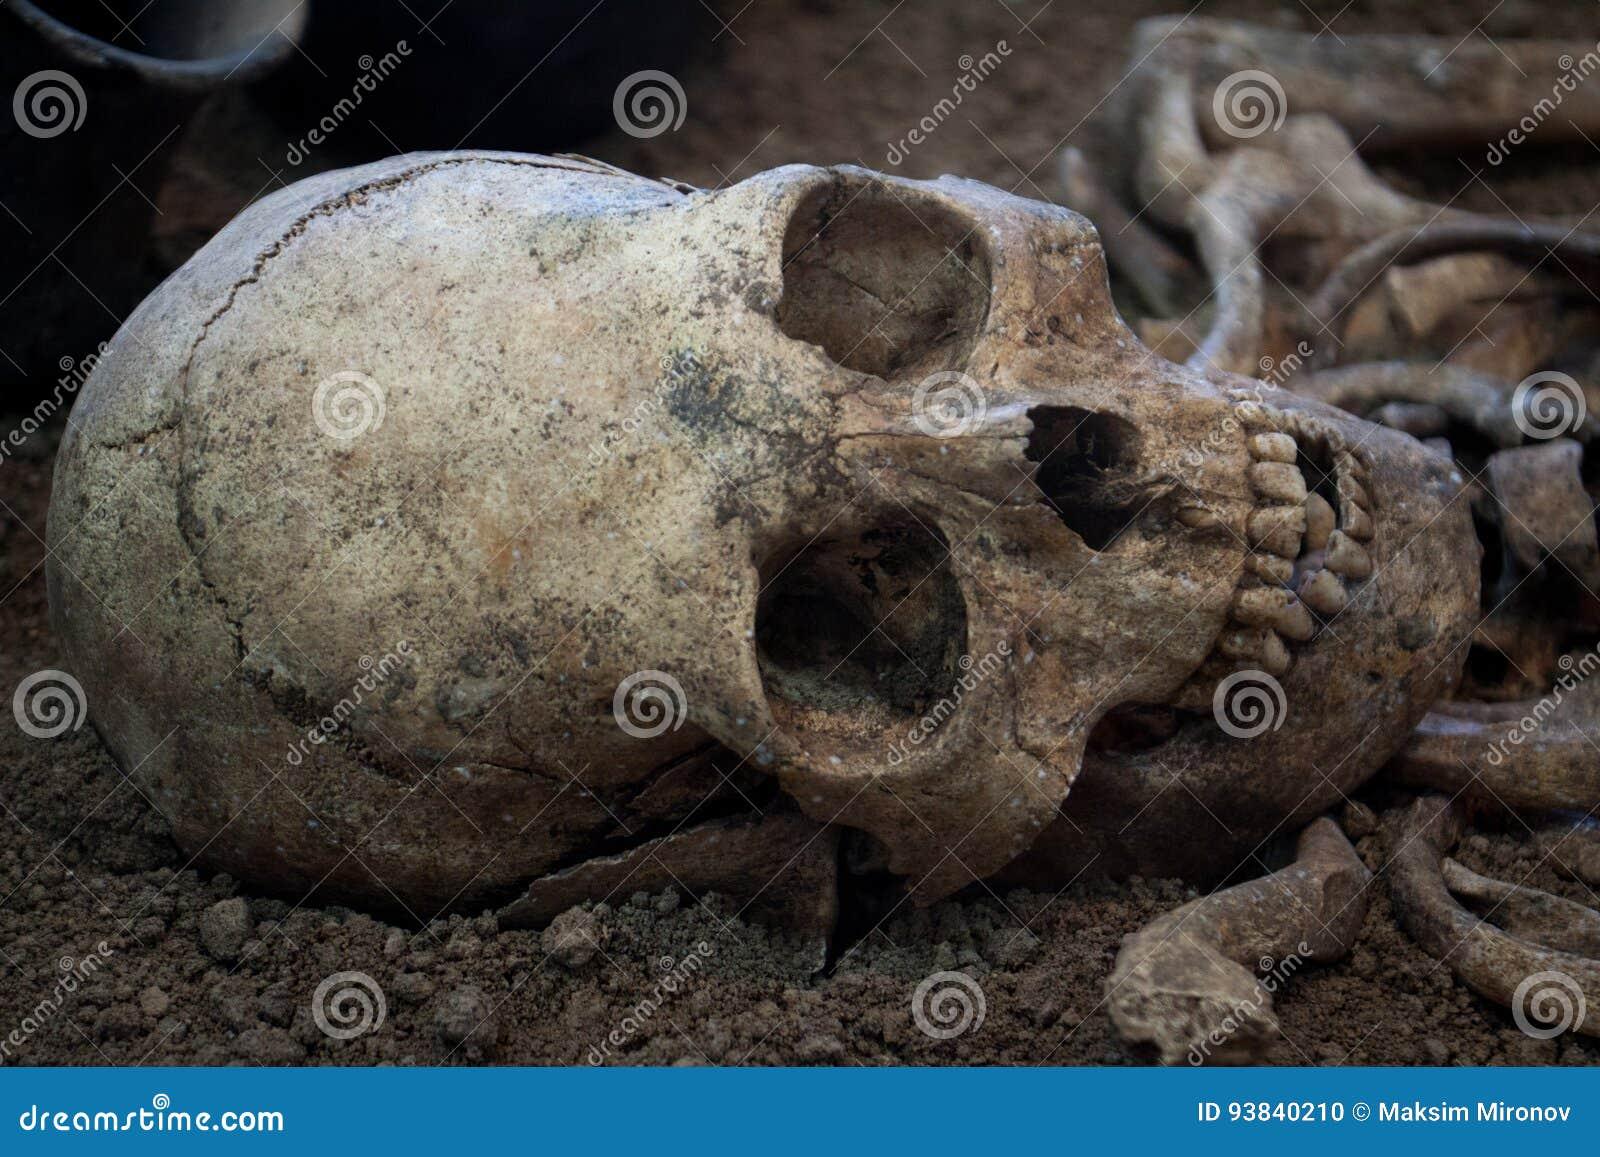 Escavações arqueológicos de um esqueleto humano antigo e de um crânio humano